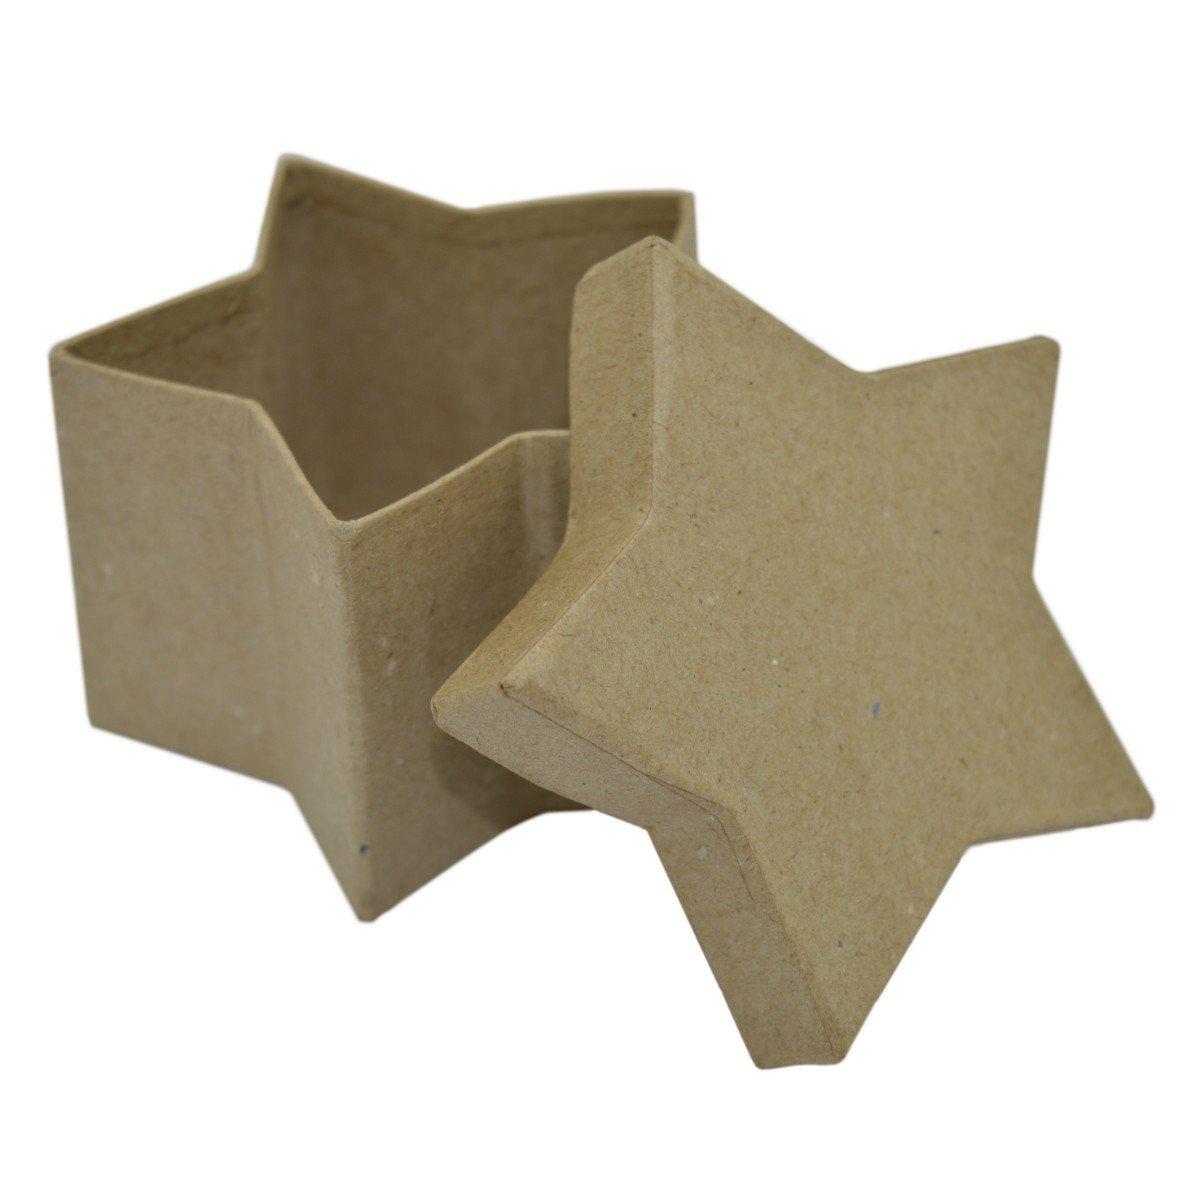 Estrella caja - regalo-cartón estrella para Manualidades pintar decorar, diámetro 8 cm H5cm: Amazon.es: Hogar